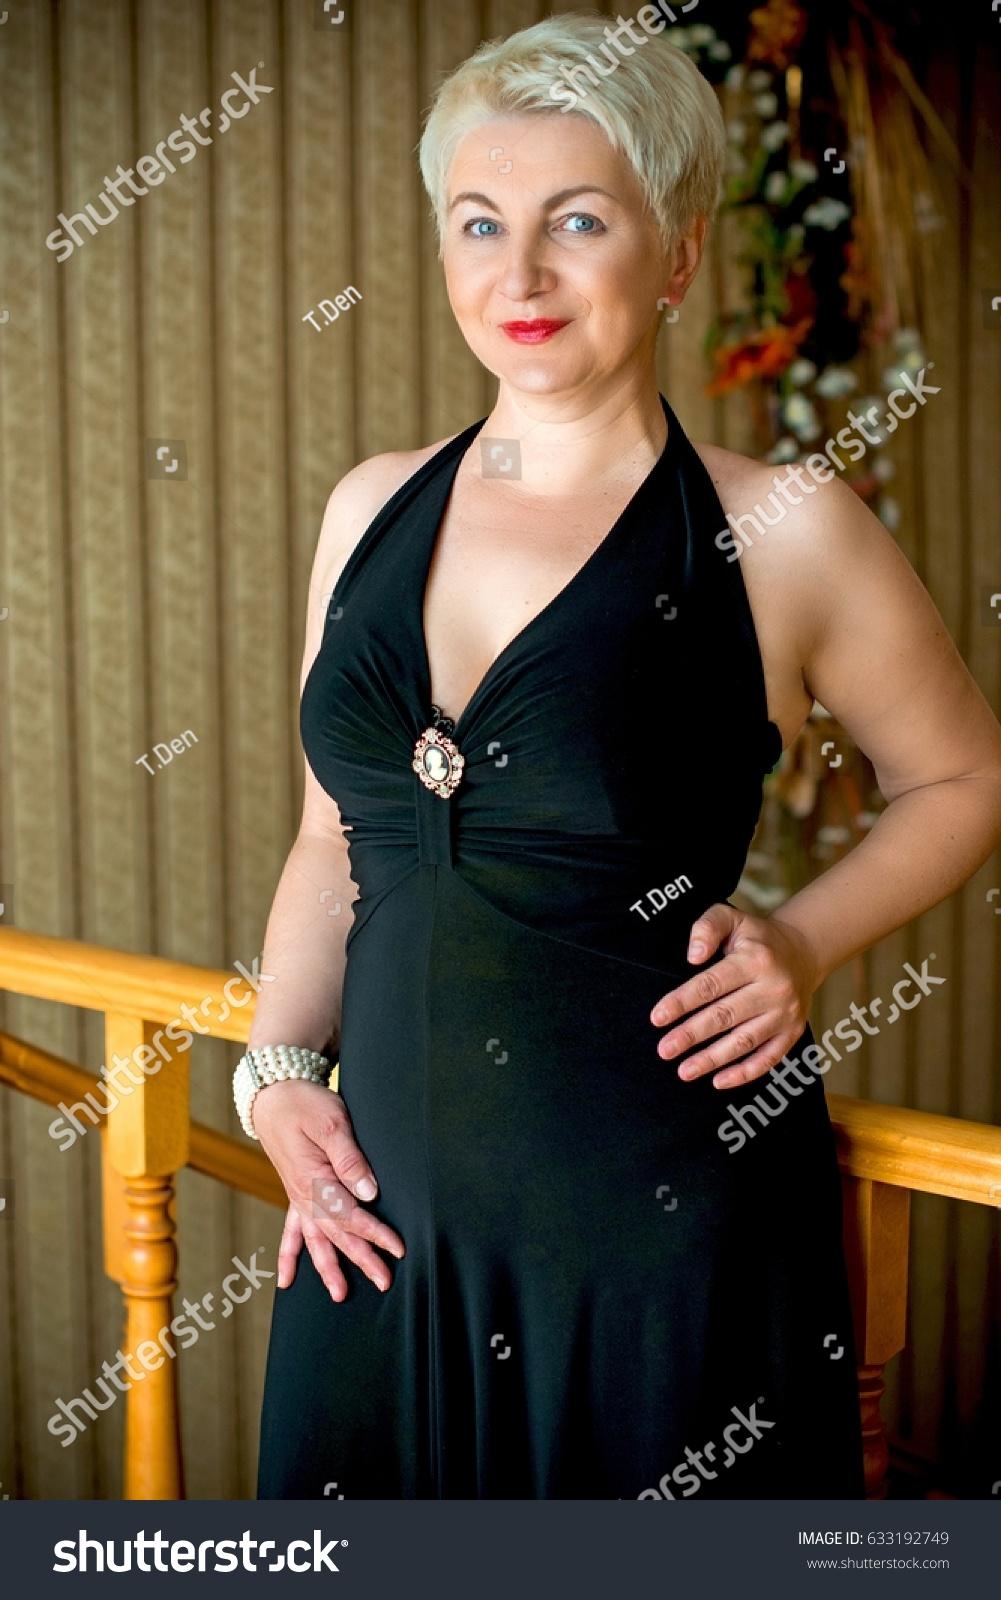 Evening dress mature